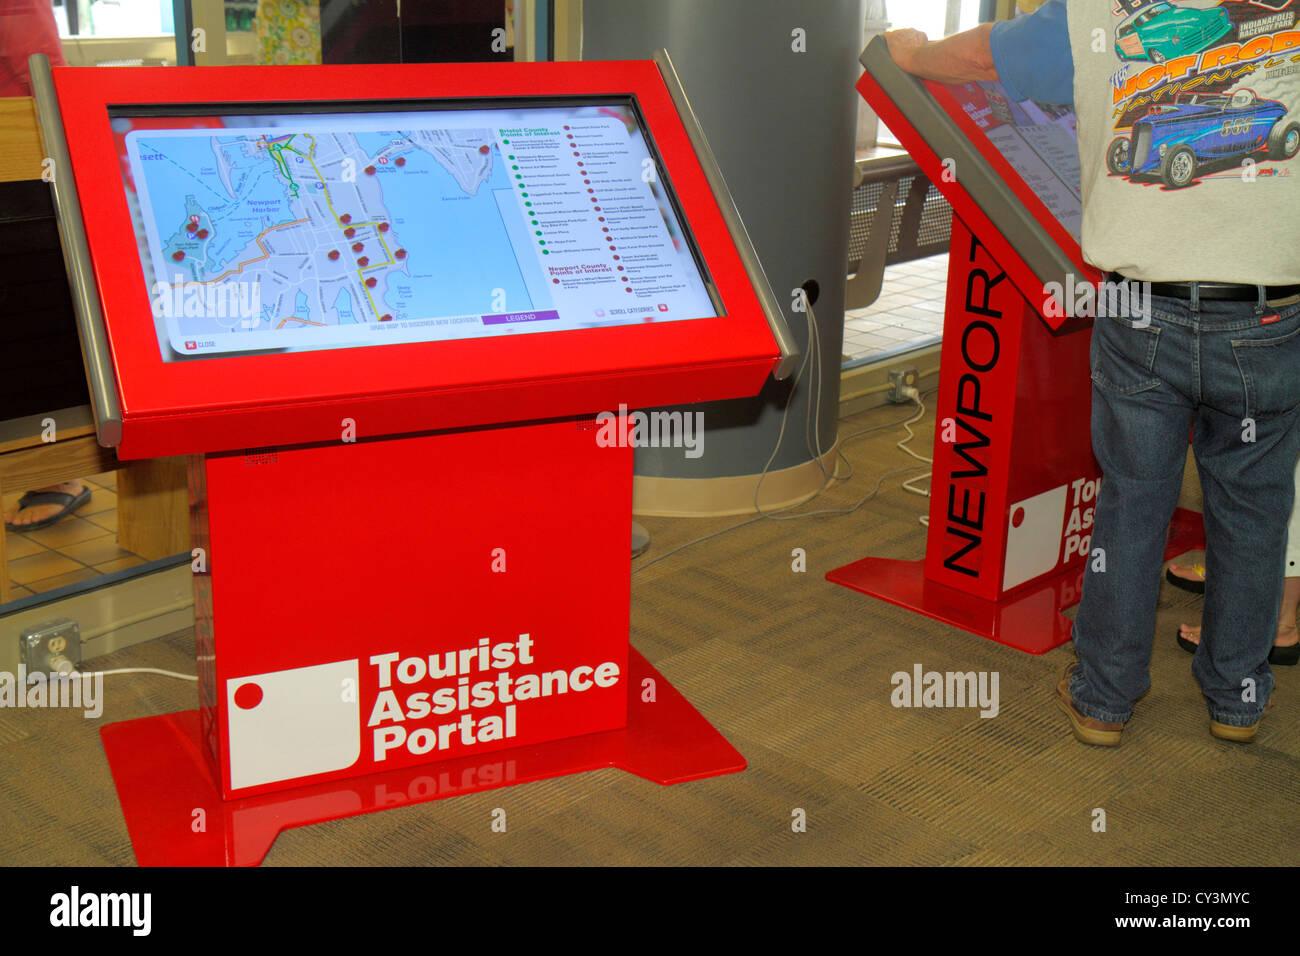 Découvrir Newport Newport Rhode Island tourist assistance centre visiteurs moniteur à écran tactile Photo Stock